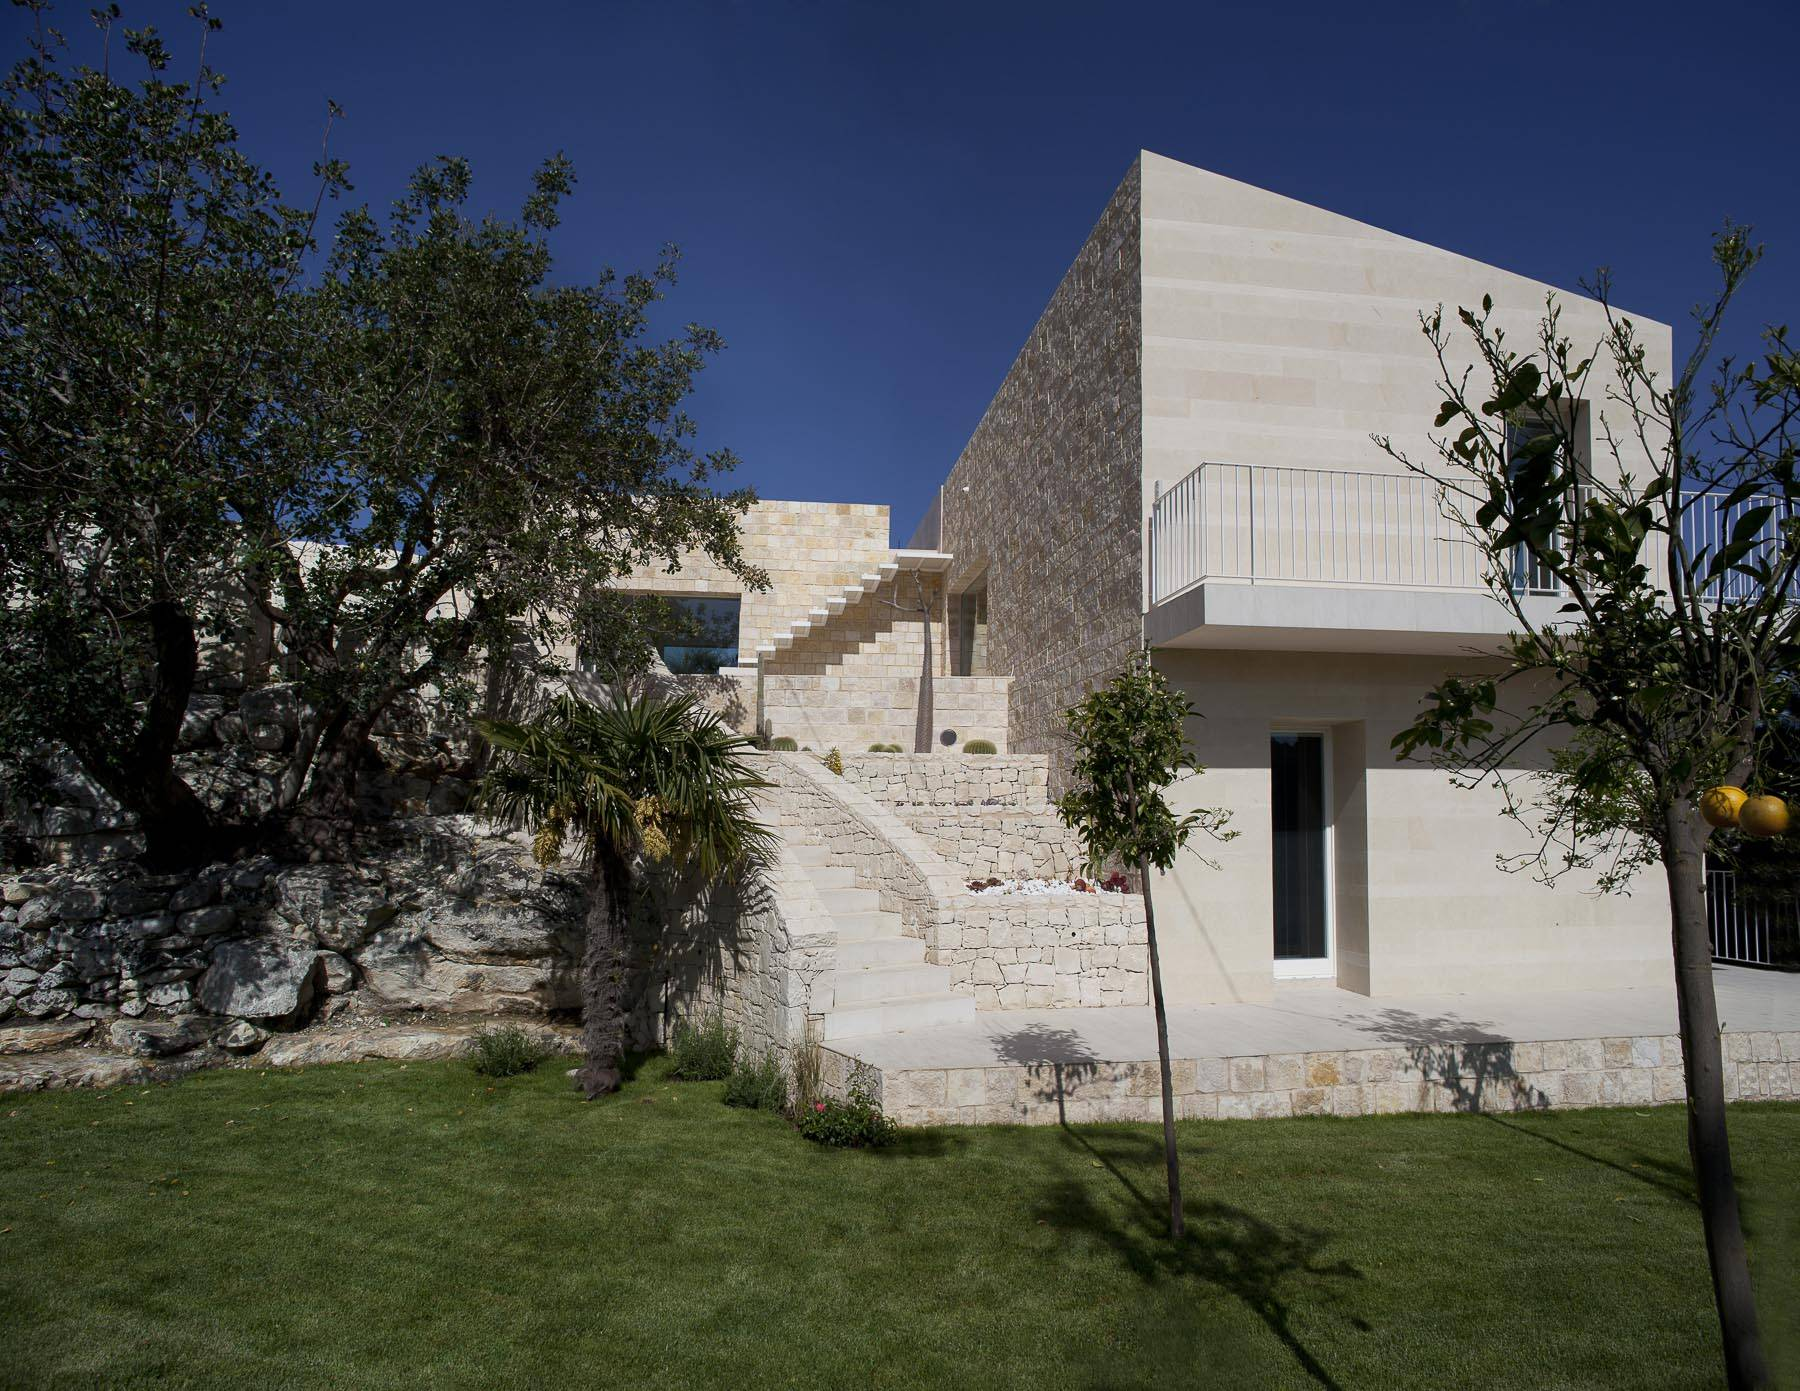 Sofisticata villa con vista panoramica - 4